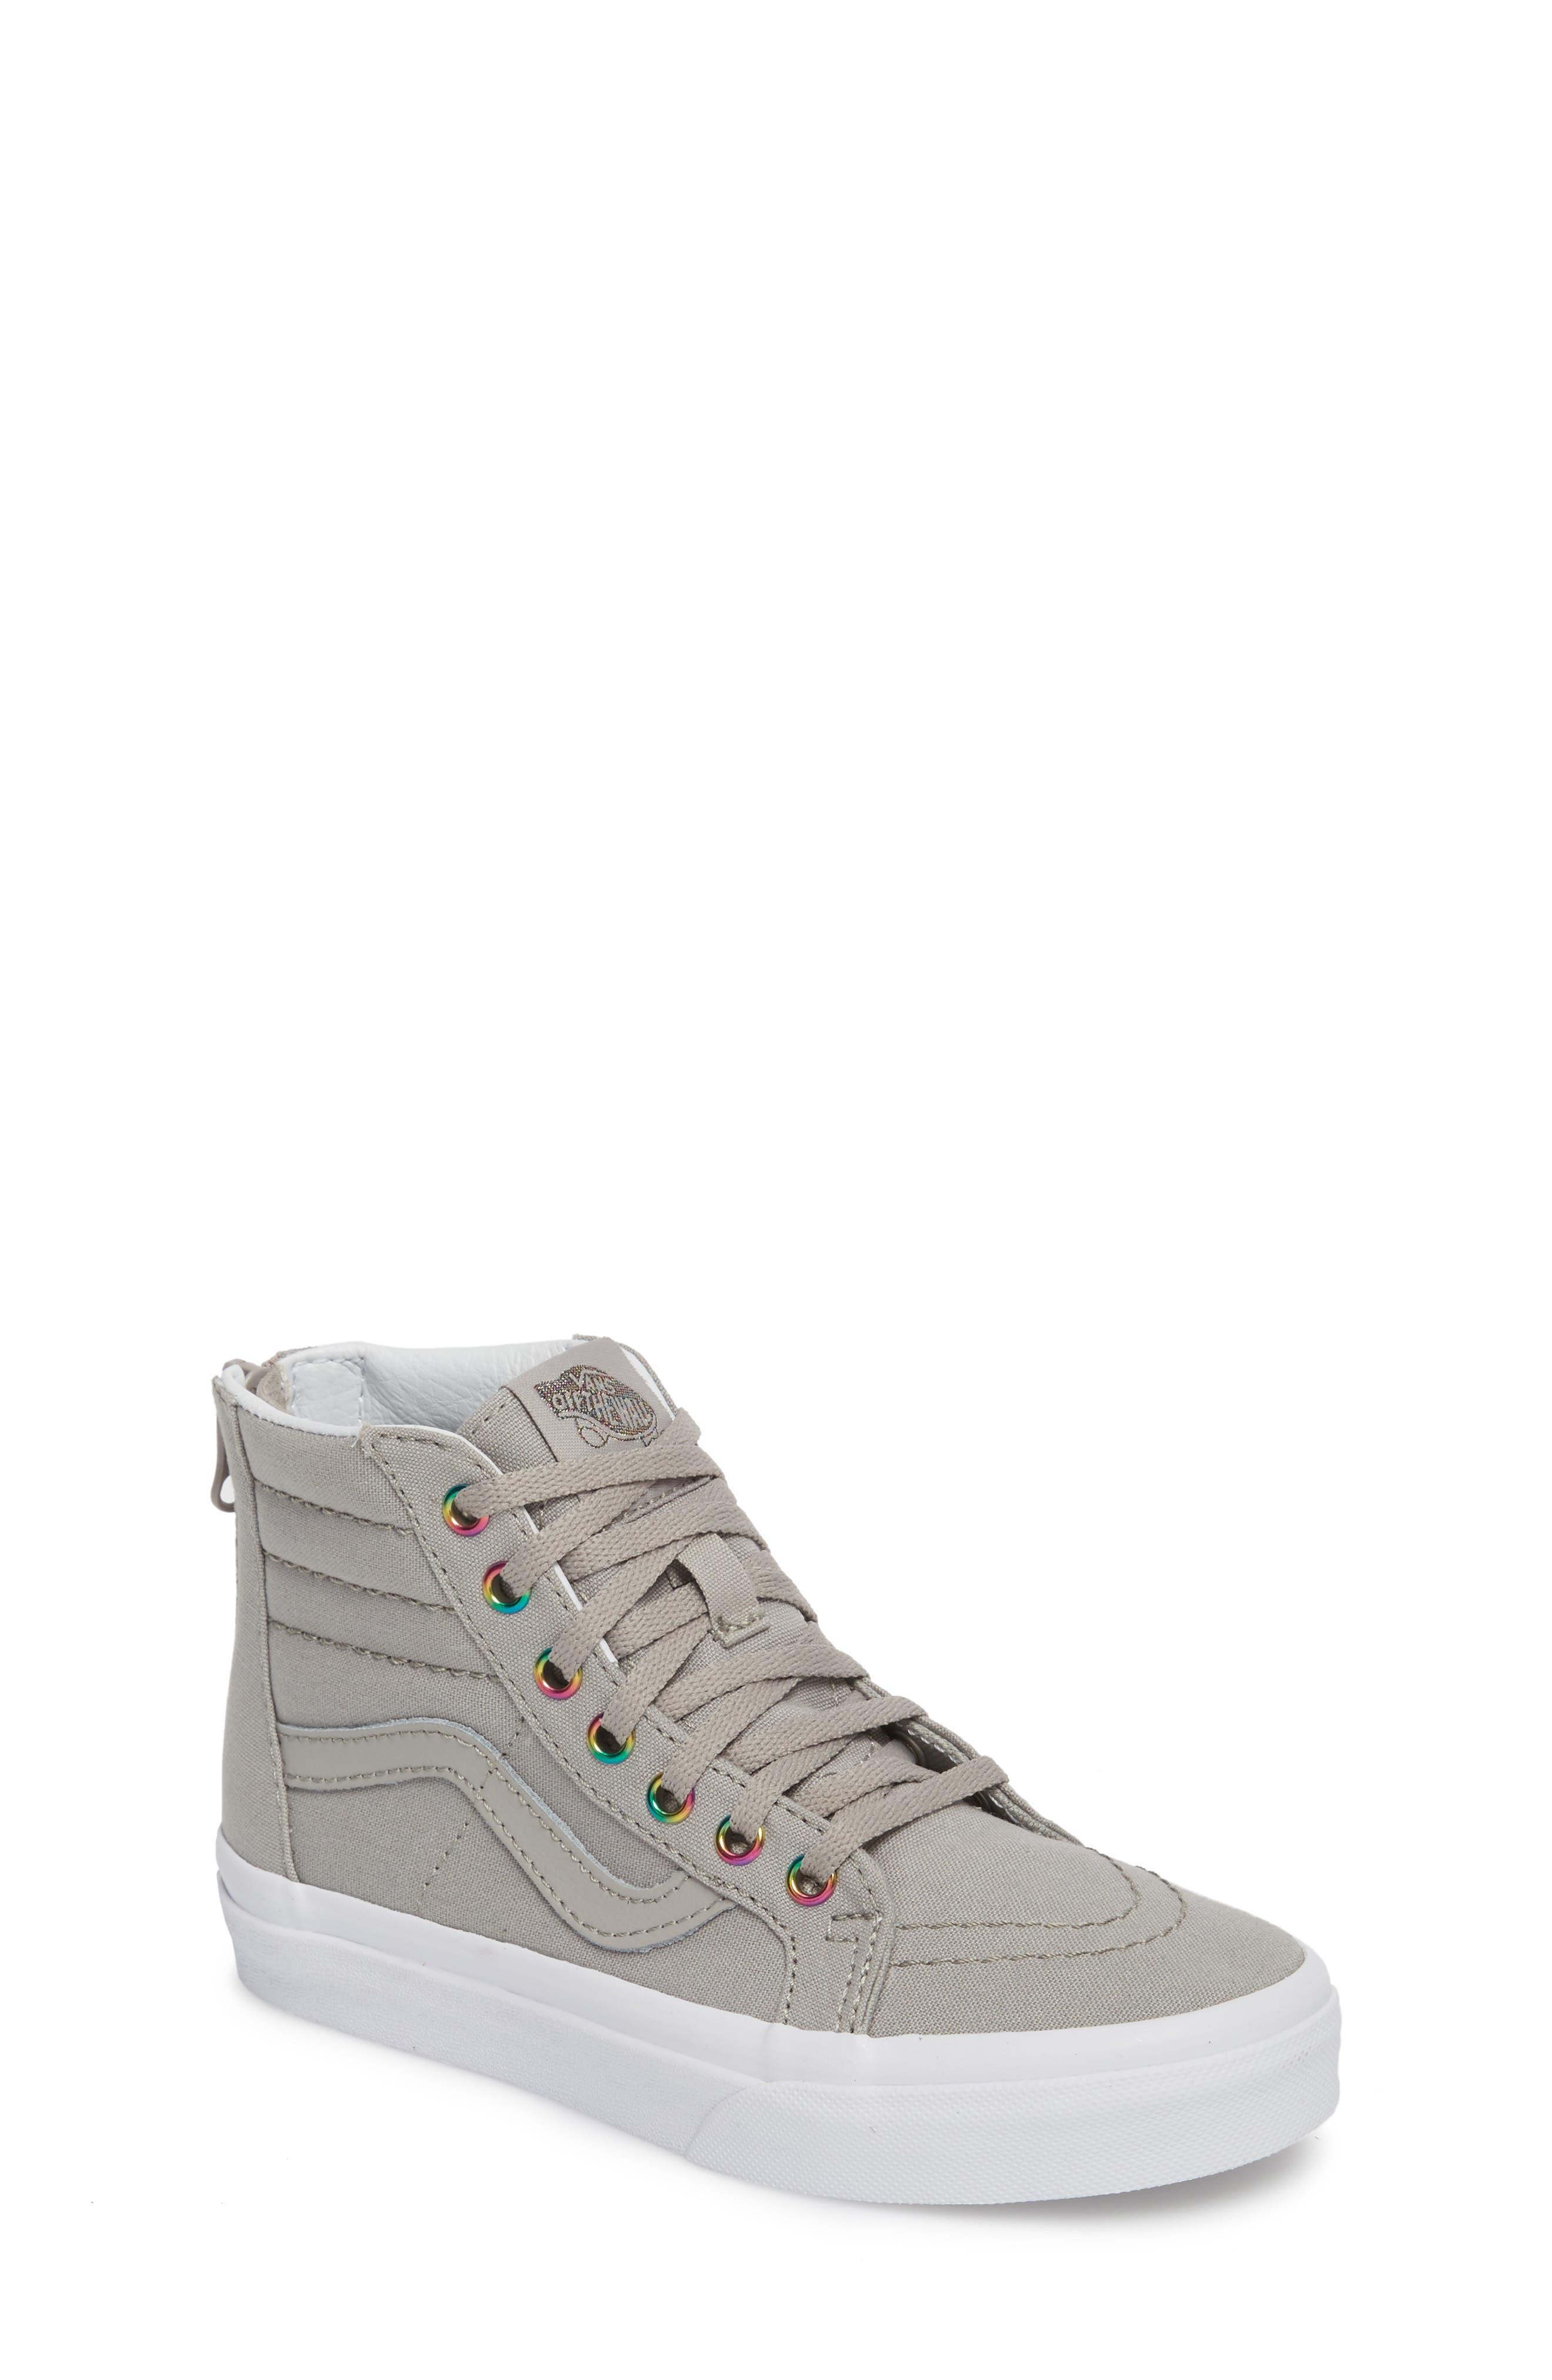 Vans Sk8-Hi Zip High Top Sneaker (Toddler, Little Kid & Big Kid)